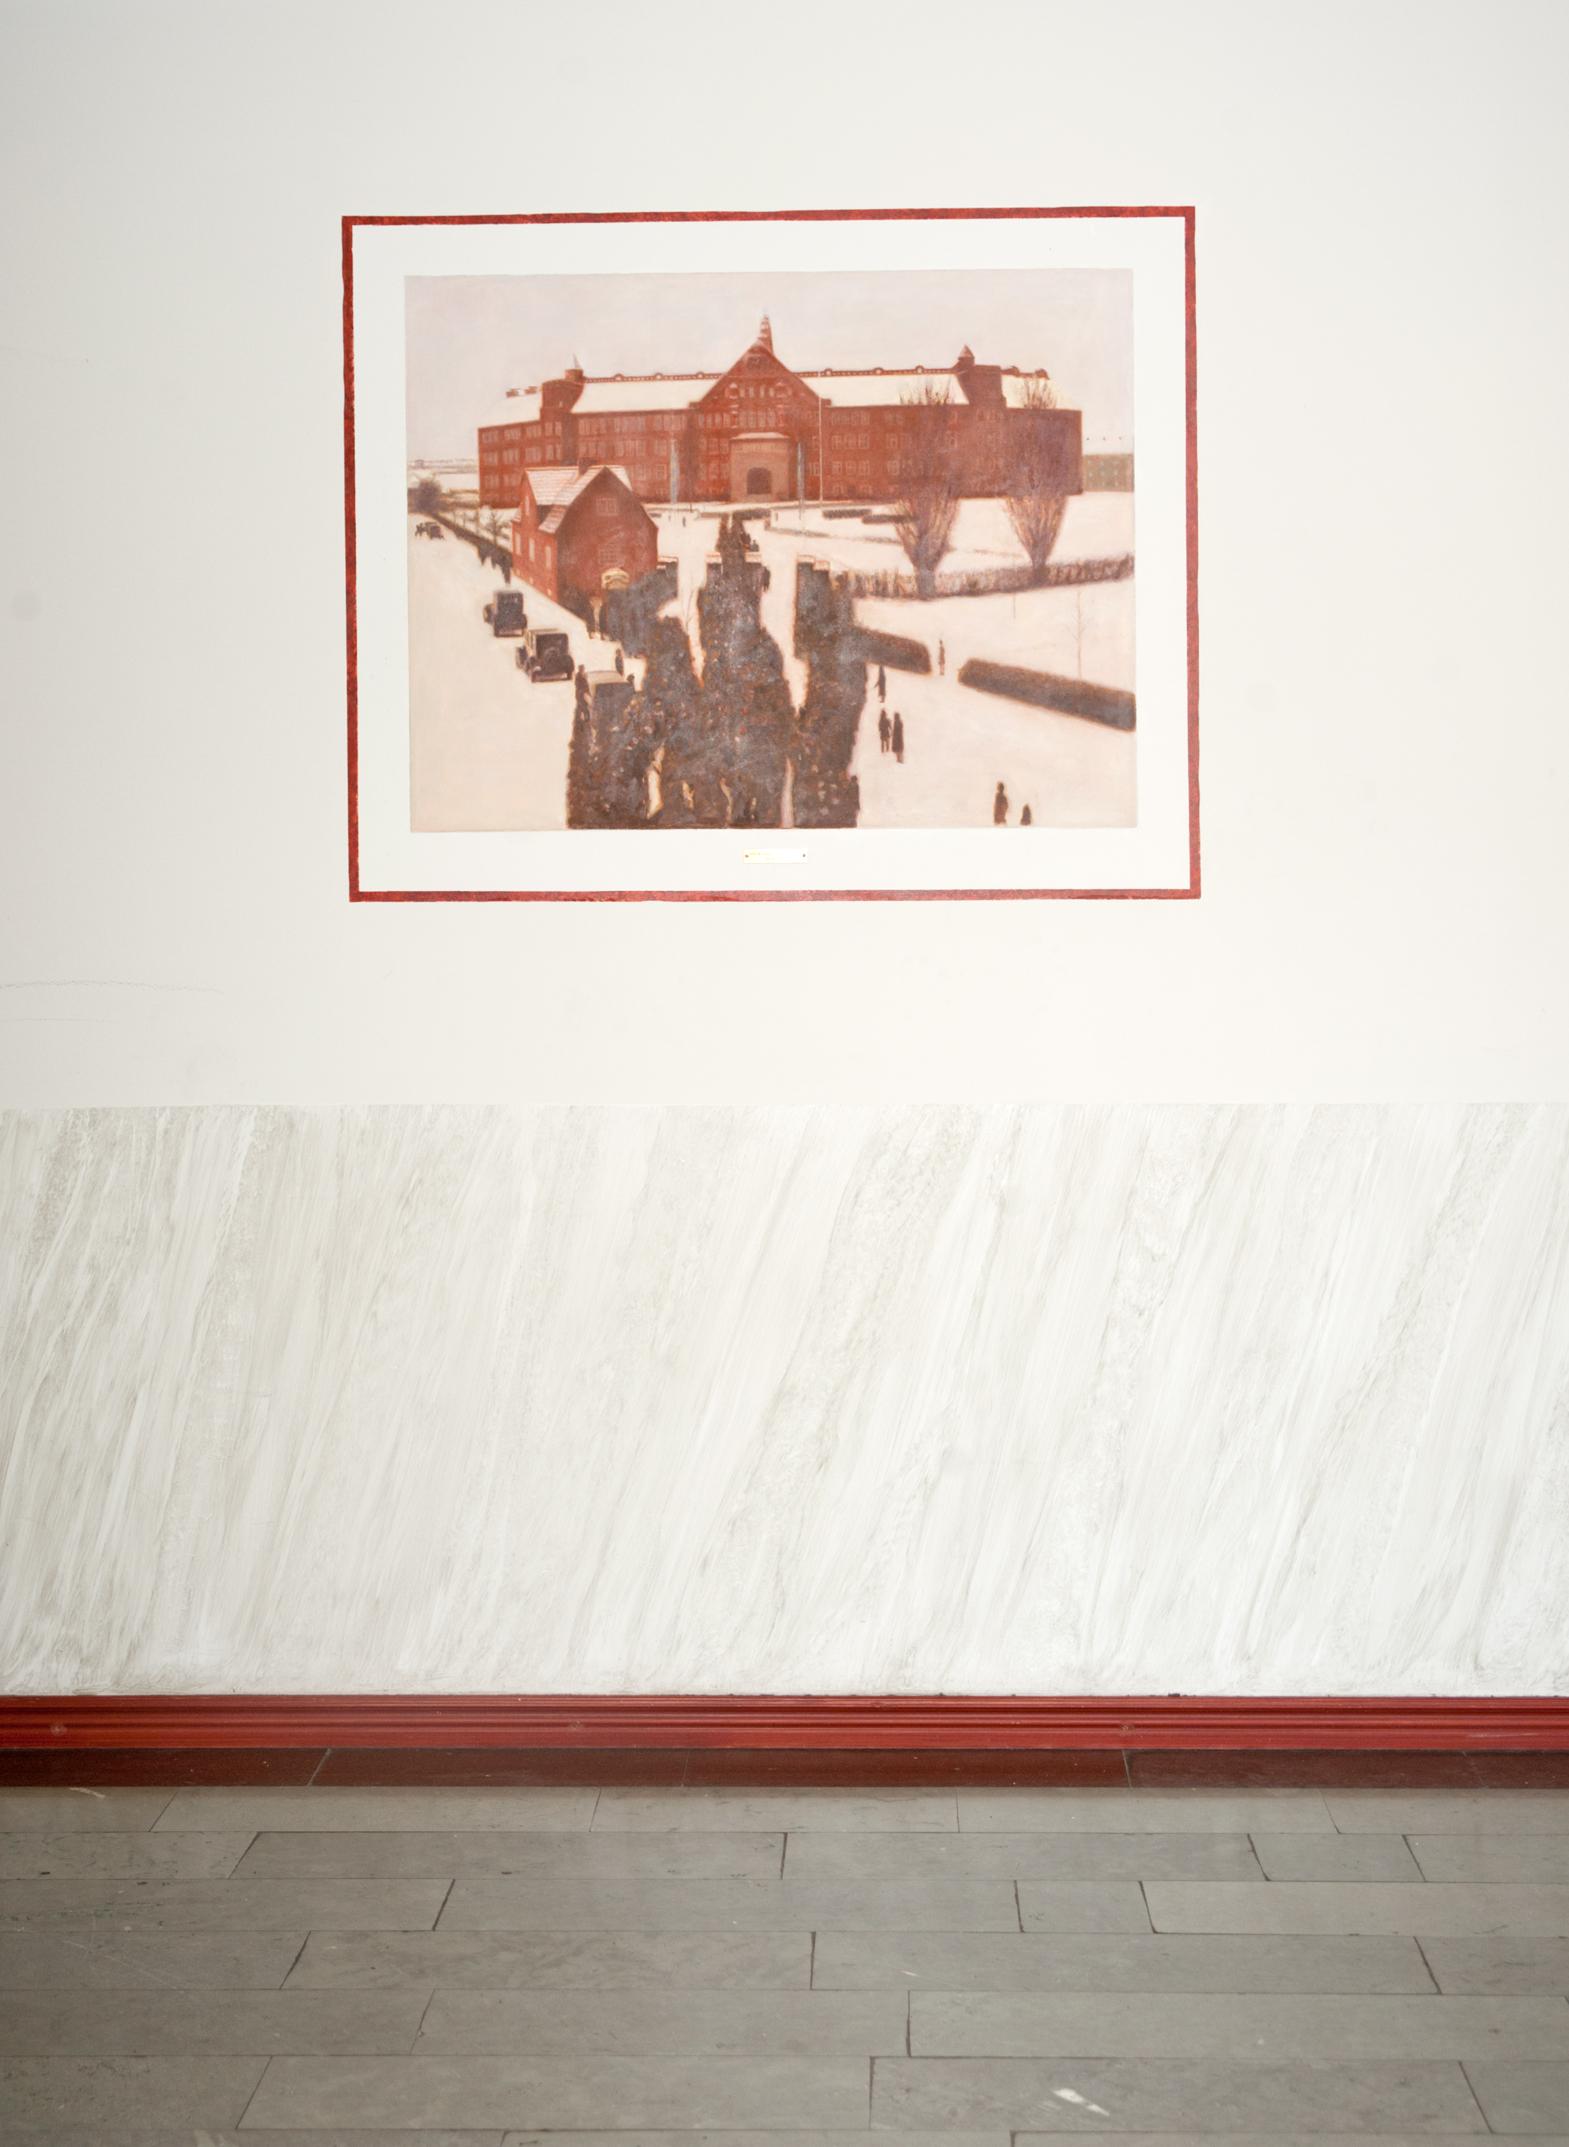 Claes-Åke Schlönzig - Katedralskolans jubileum (1927) - Klicka för att byta till närbild.